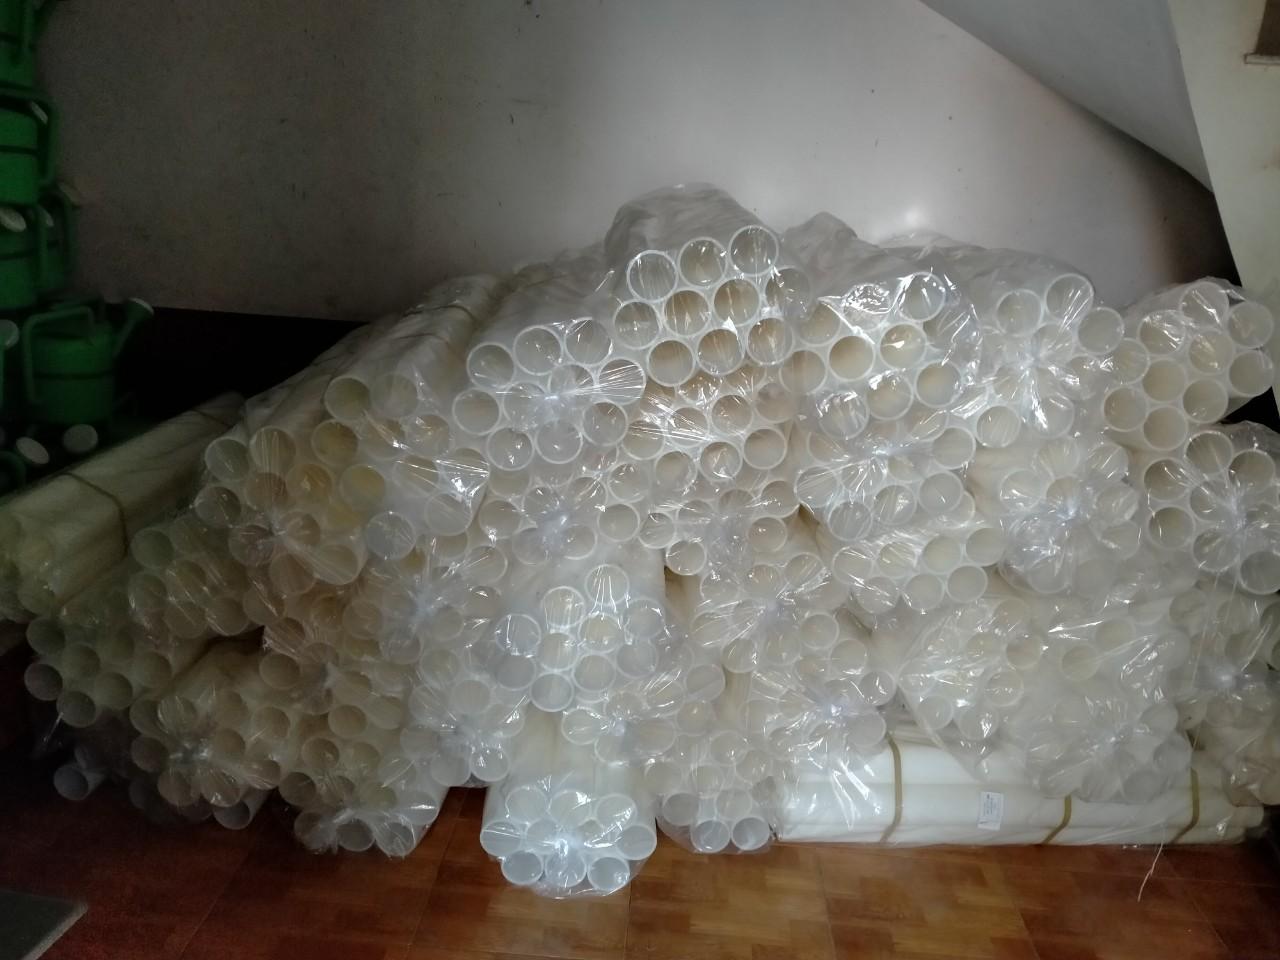 Lõi nhựa